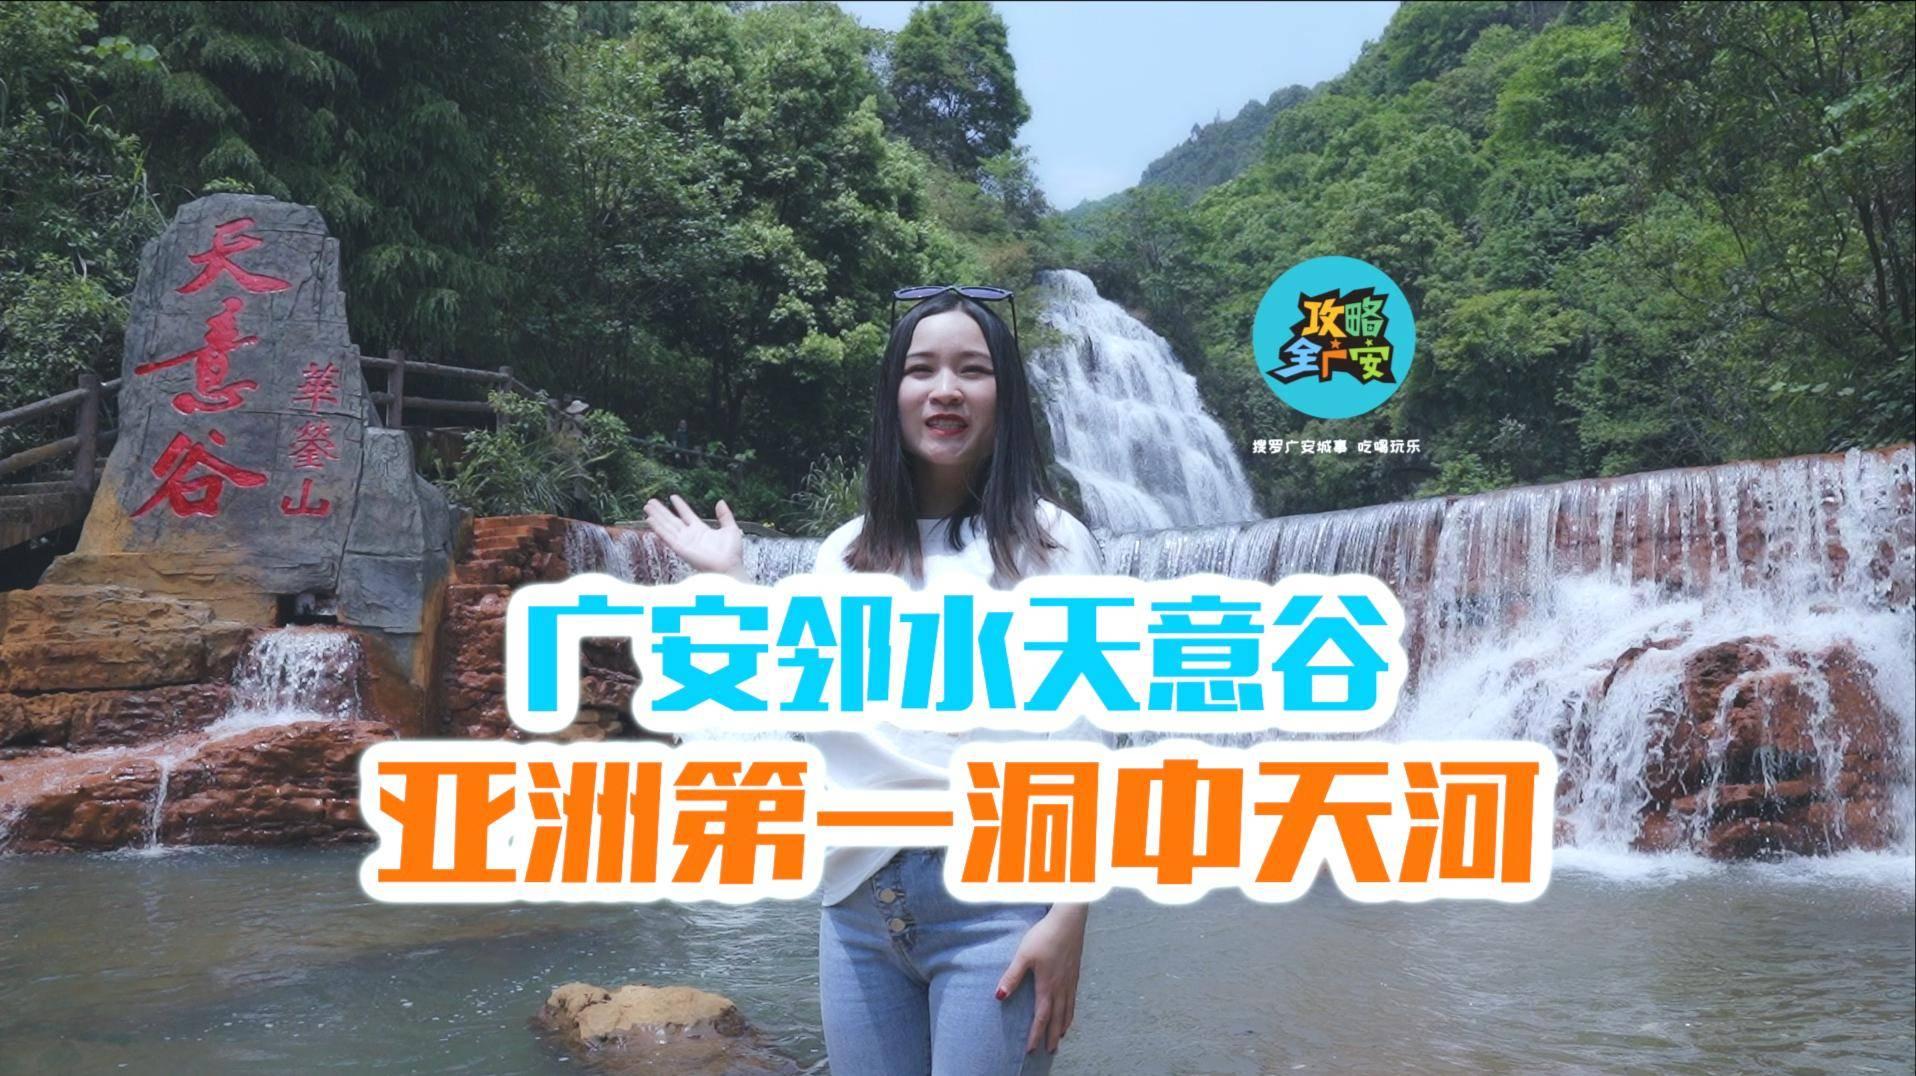 四川广安:邻水华蓥山川东大瀑布风景区 拥有着亚洲最大的洞中天河